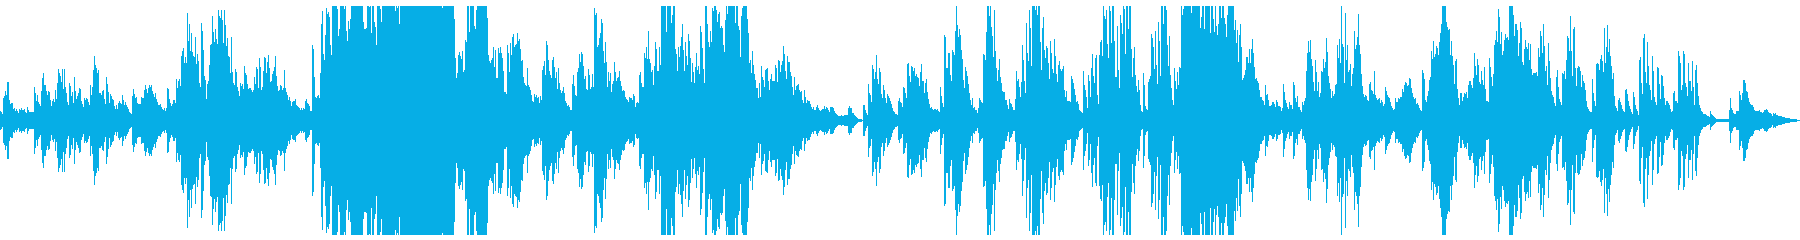 ドビュッシー「夢」ピアノ Debussyの再生済みの波形